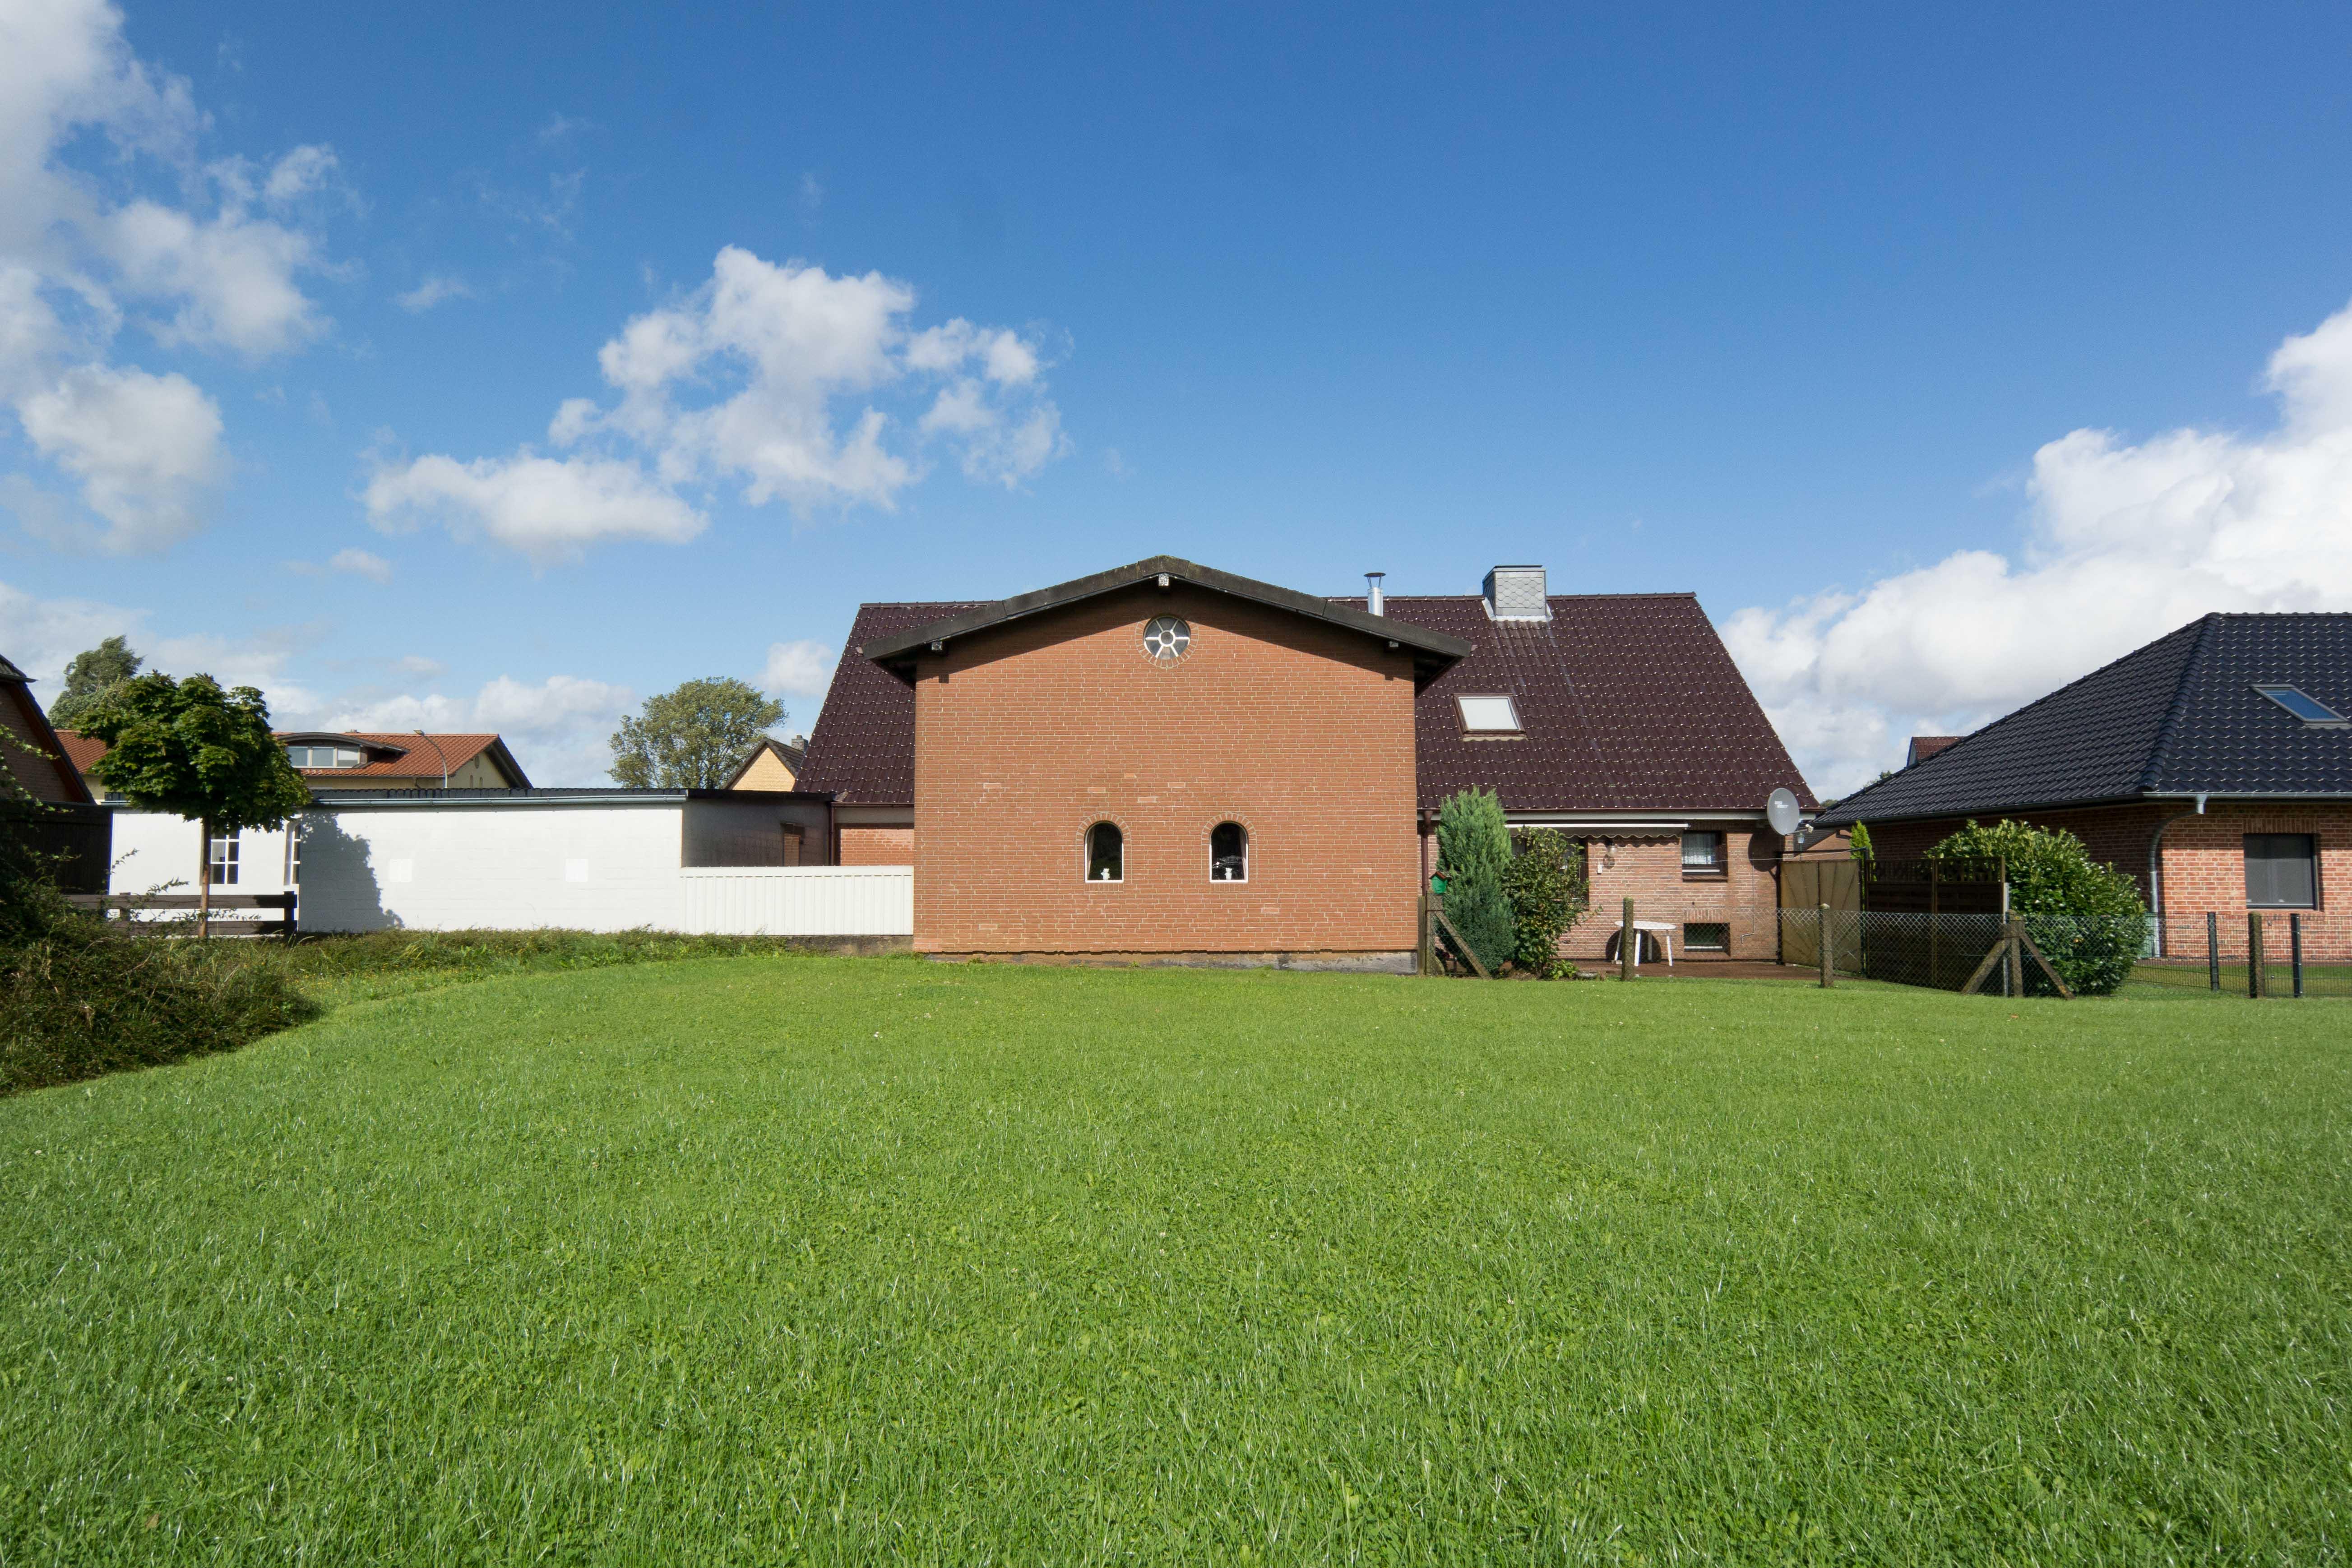 verkauft einfamilienhaus mit potenzial in 23898 sandesneben thonhauser immobilien trittau. Black Bedroom Furniture Sets. Home Design Ideas